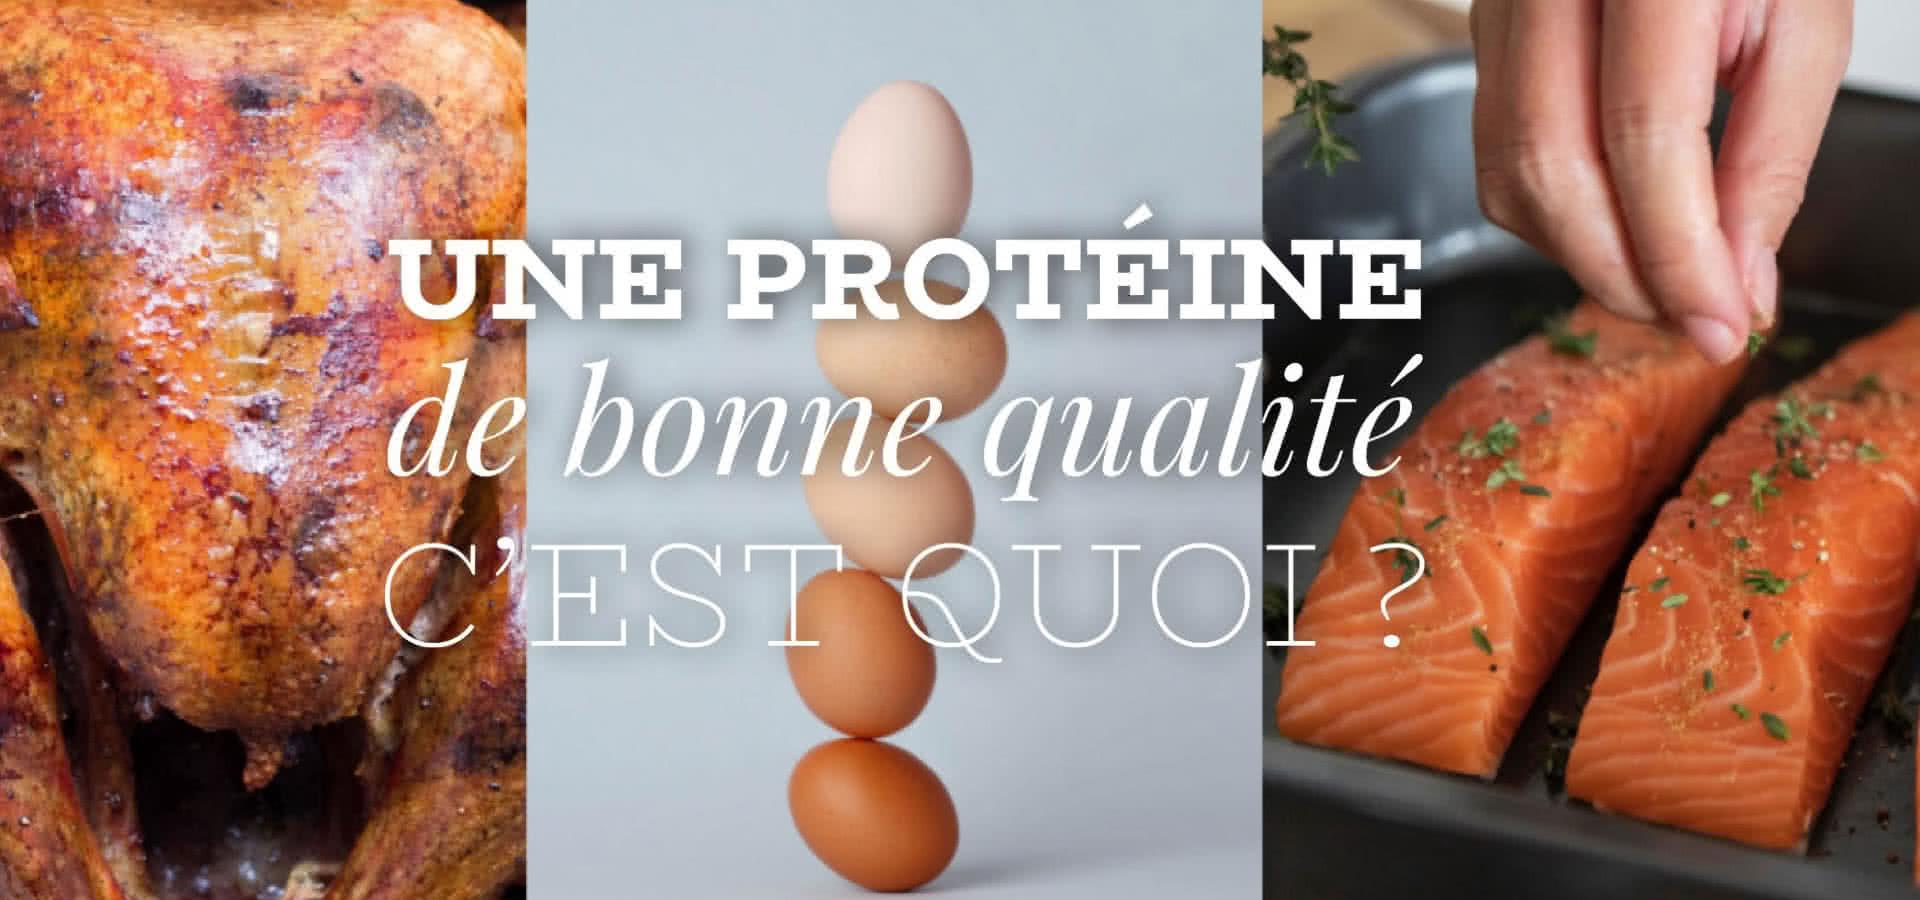 Qu'est-ce qu'une protéine de bonne qualité ?